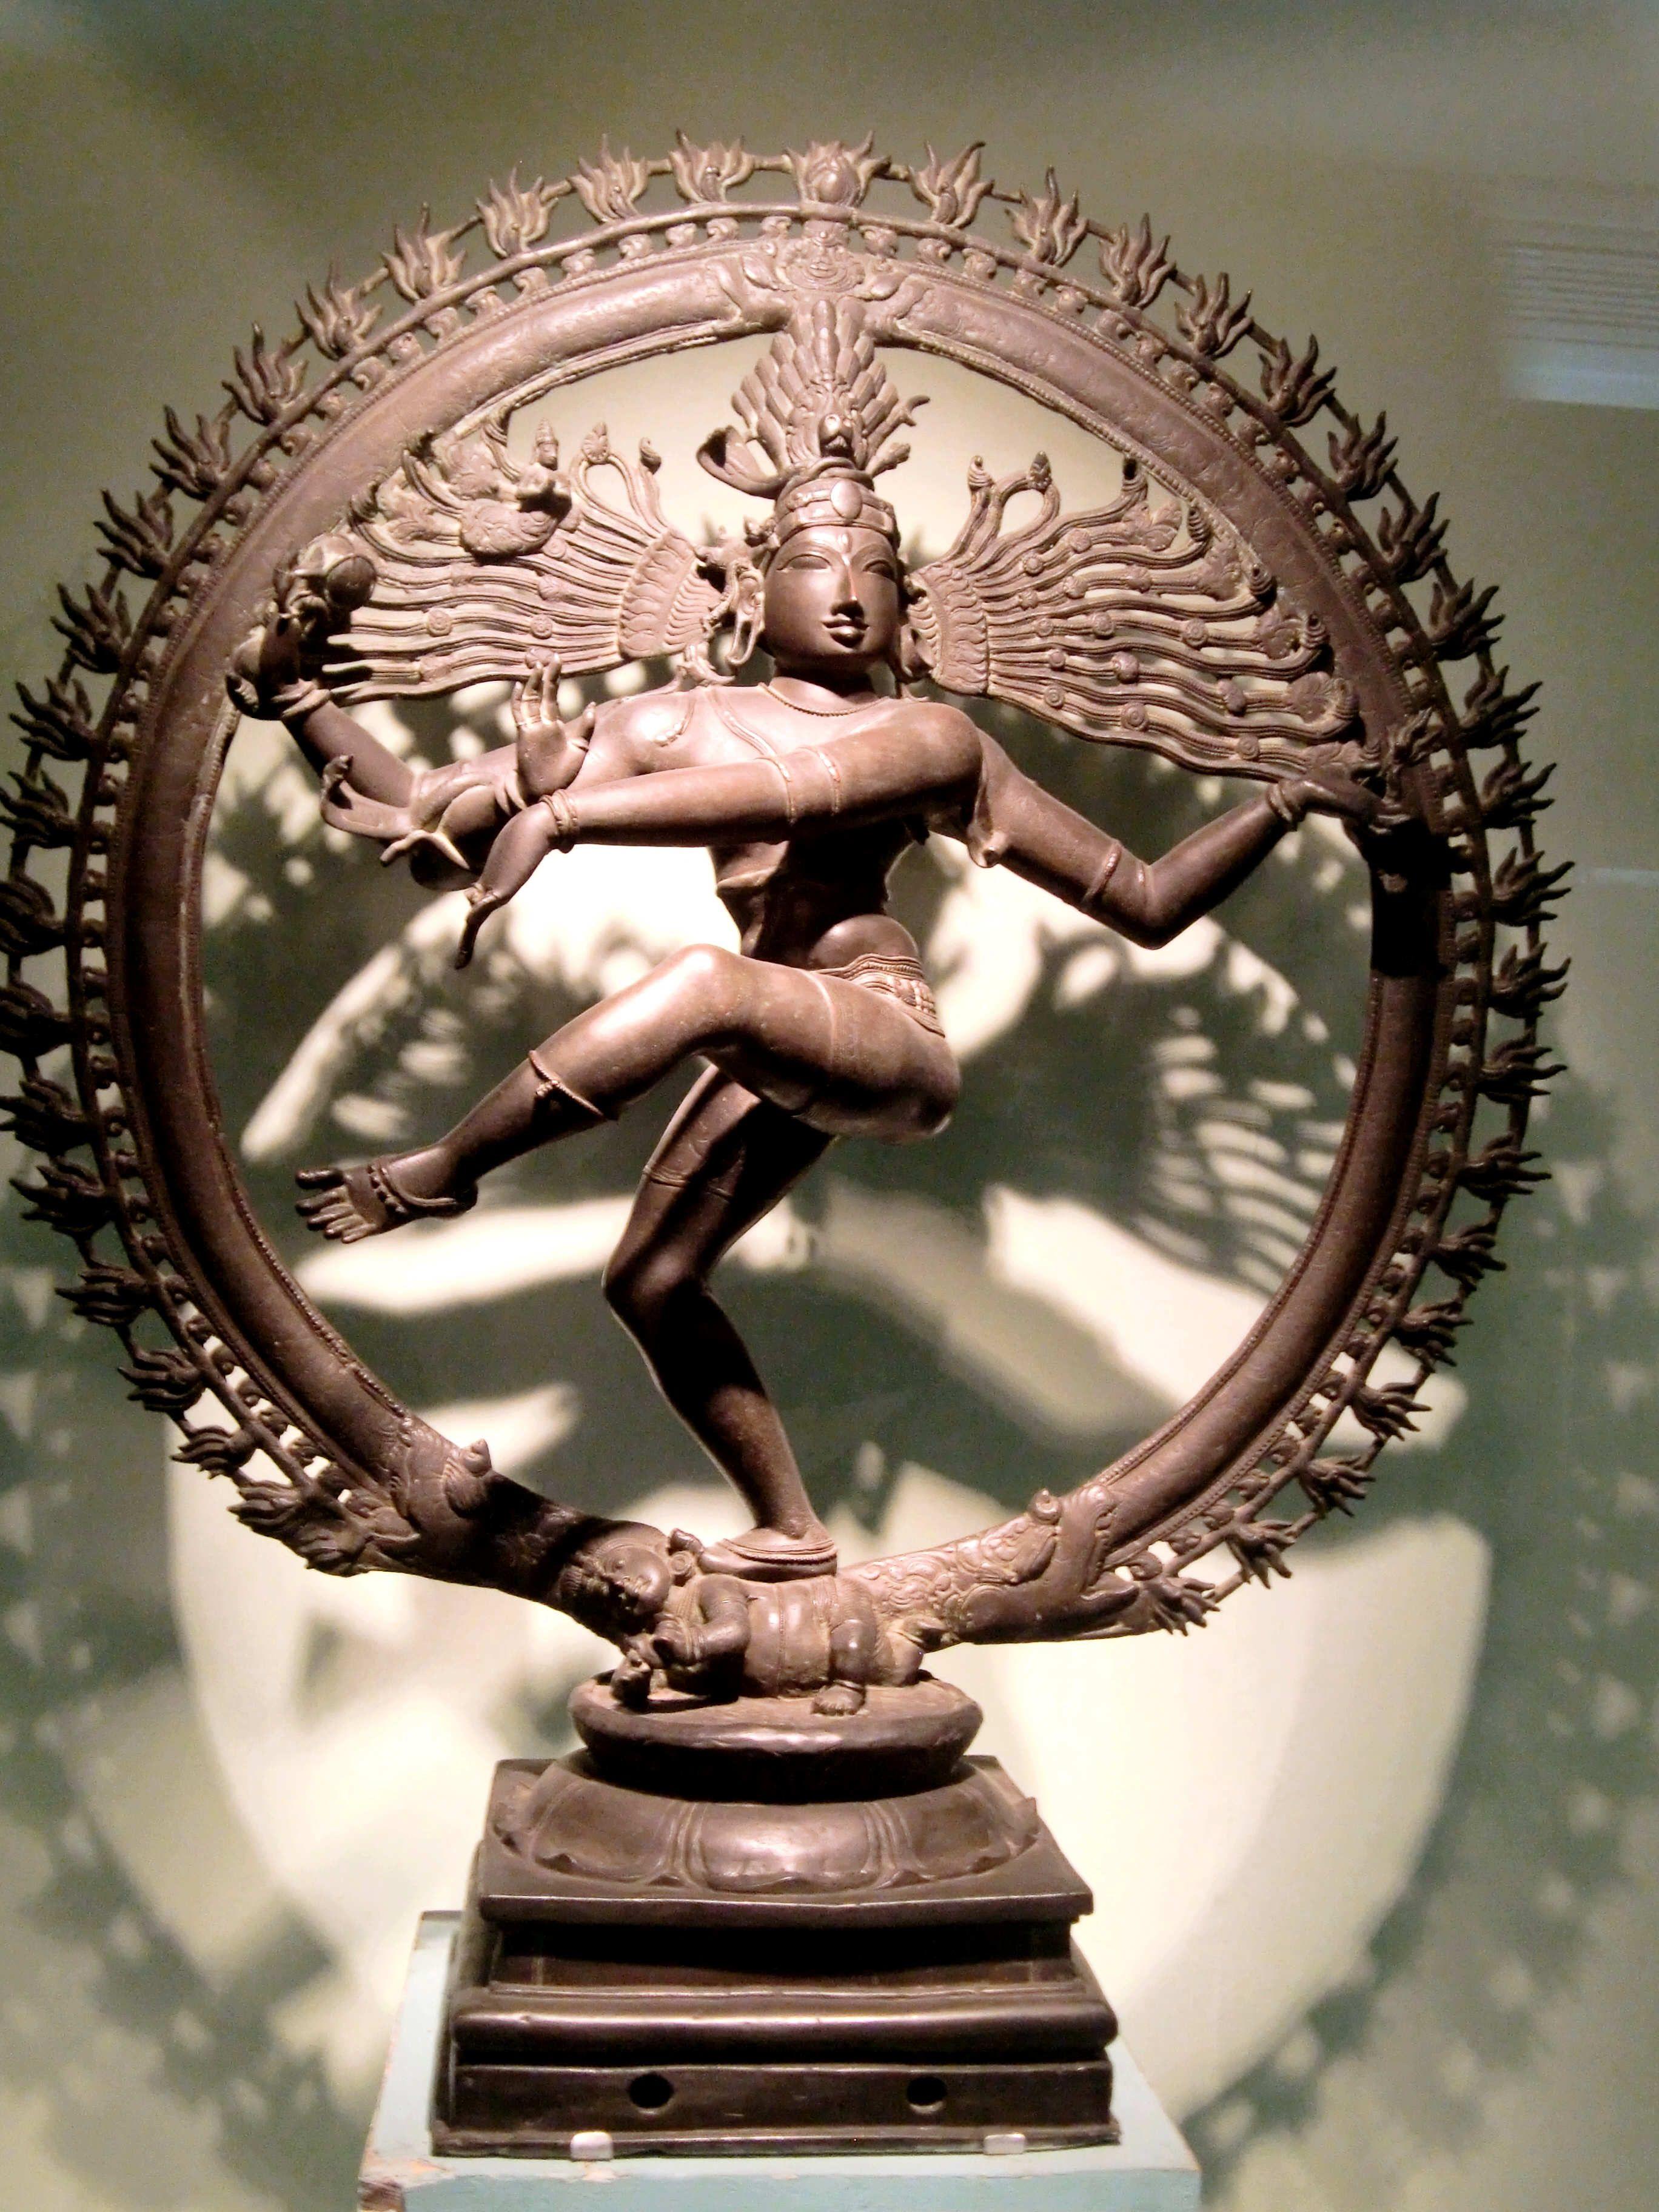 Bronze statue of nataraja at the metropolitan museum of